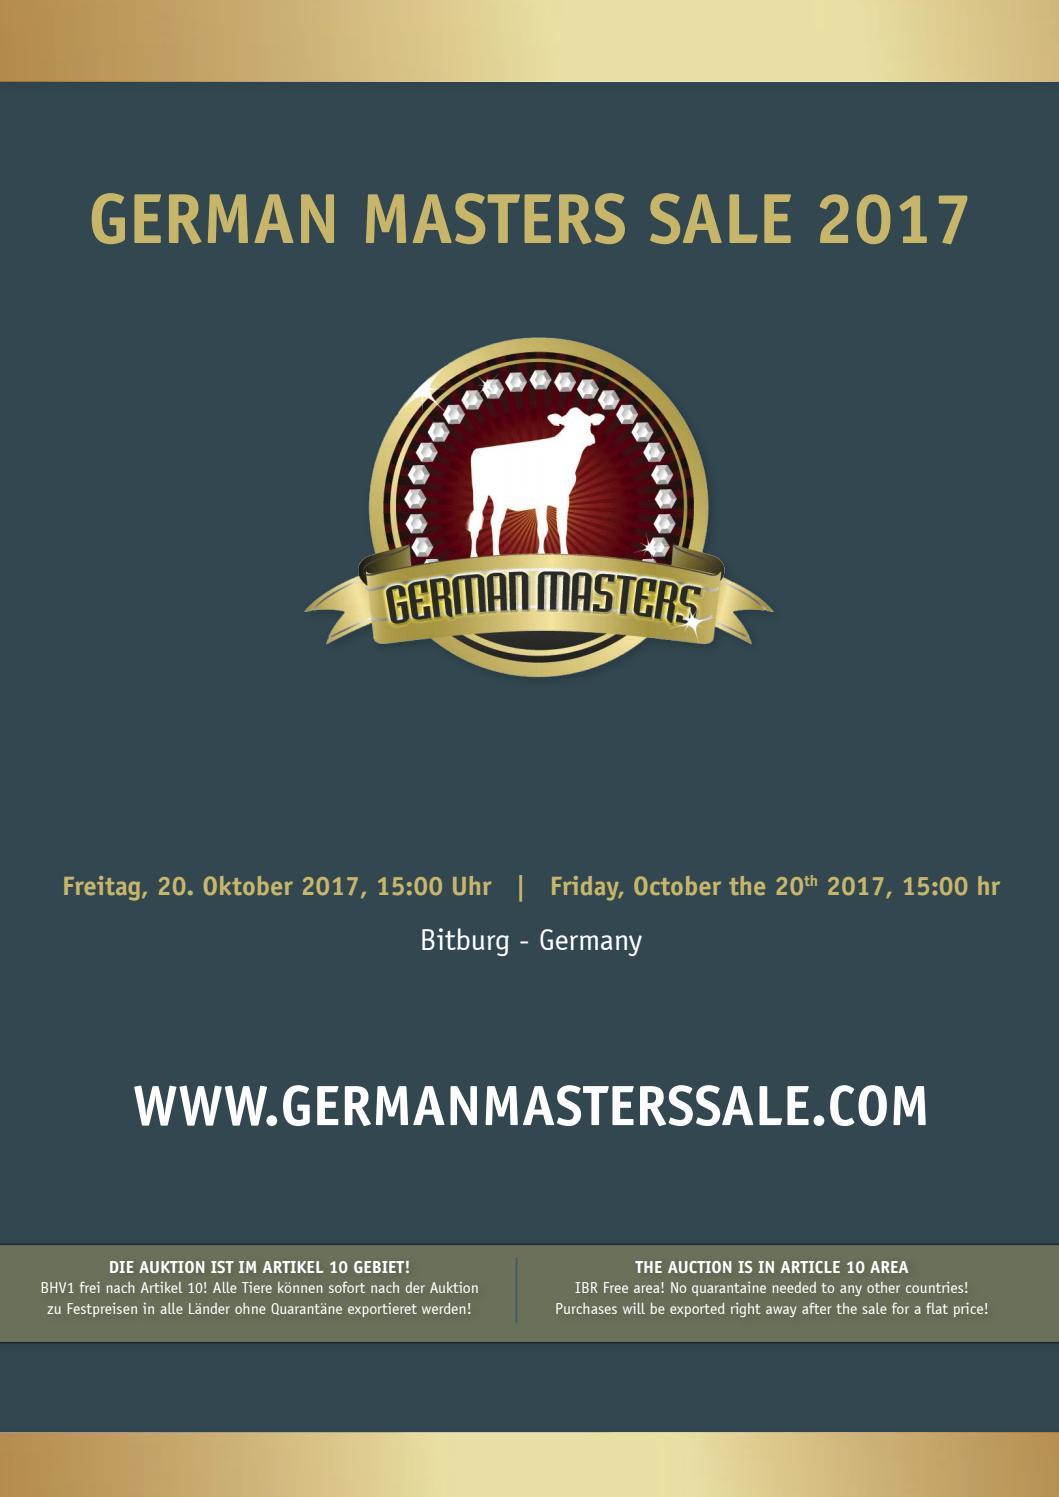 German Masters Sale 2017 by Arjan van der Vlis - issuu